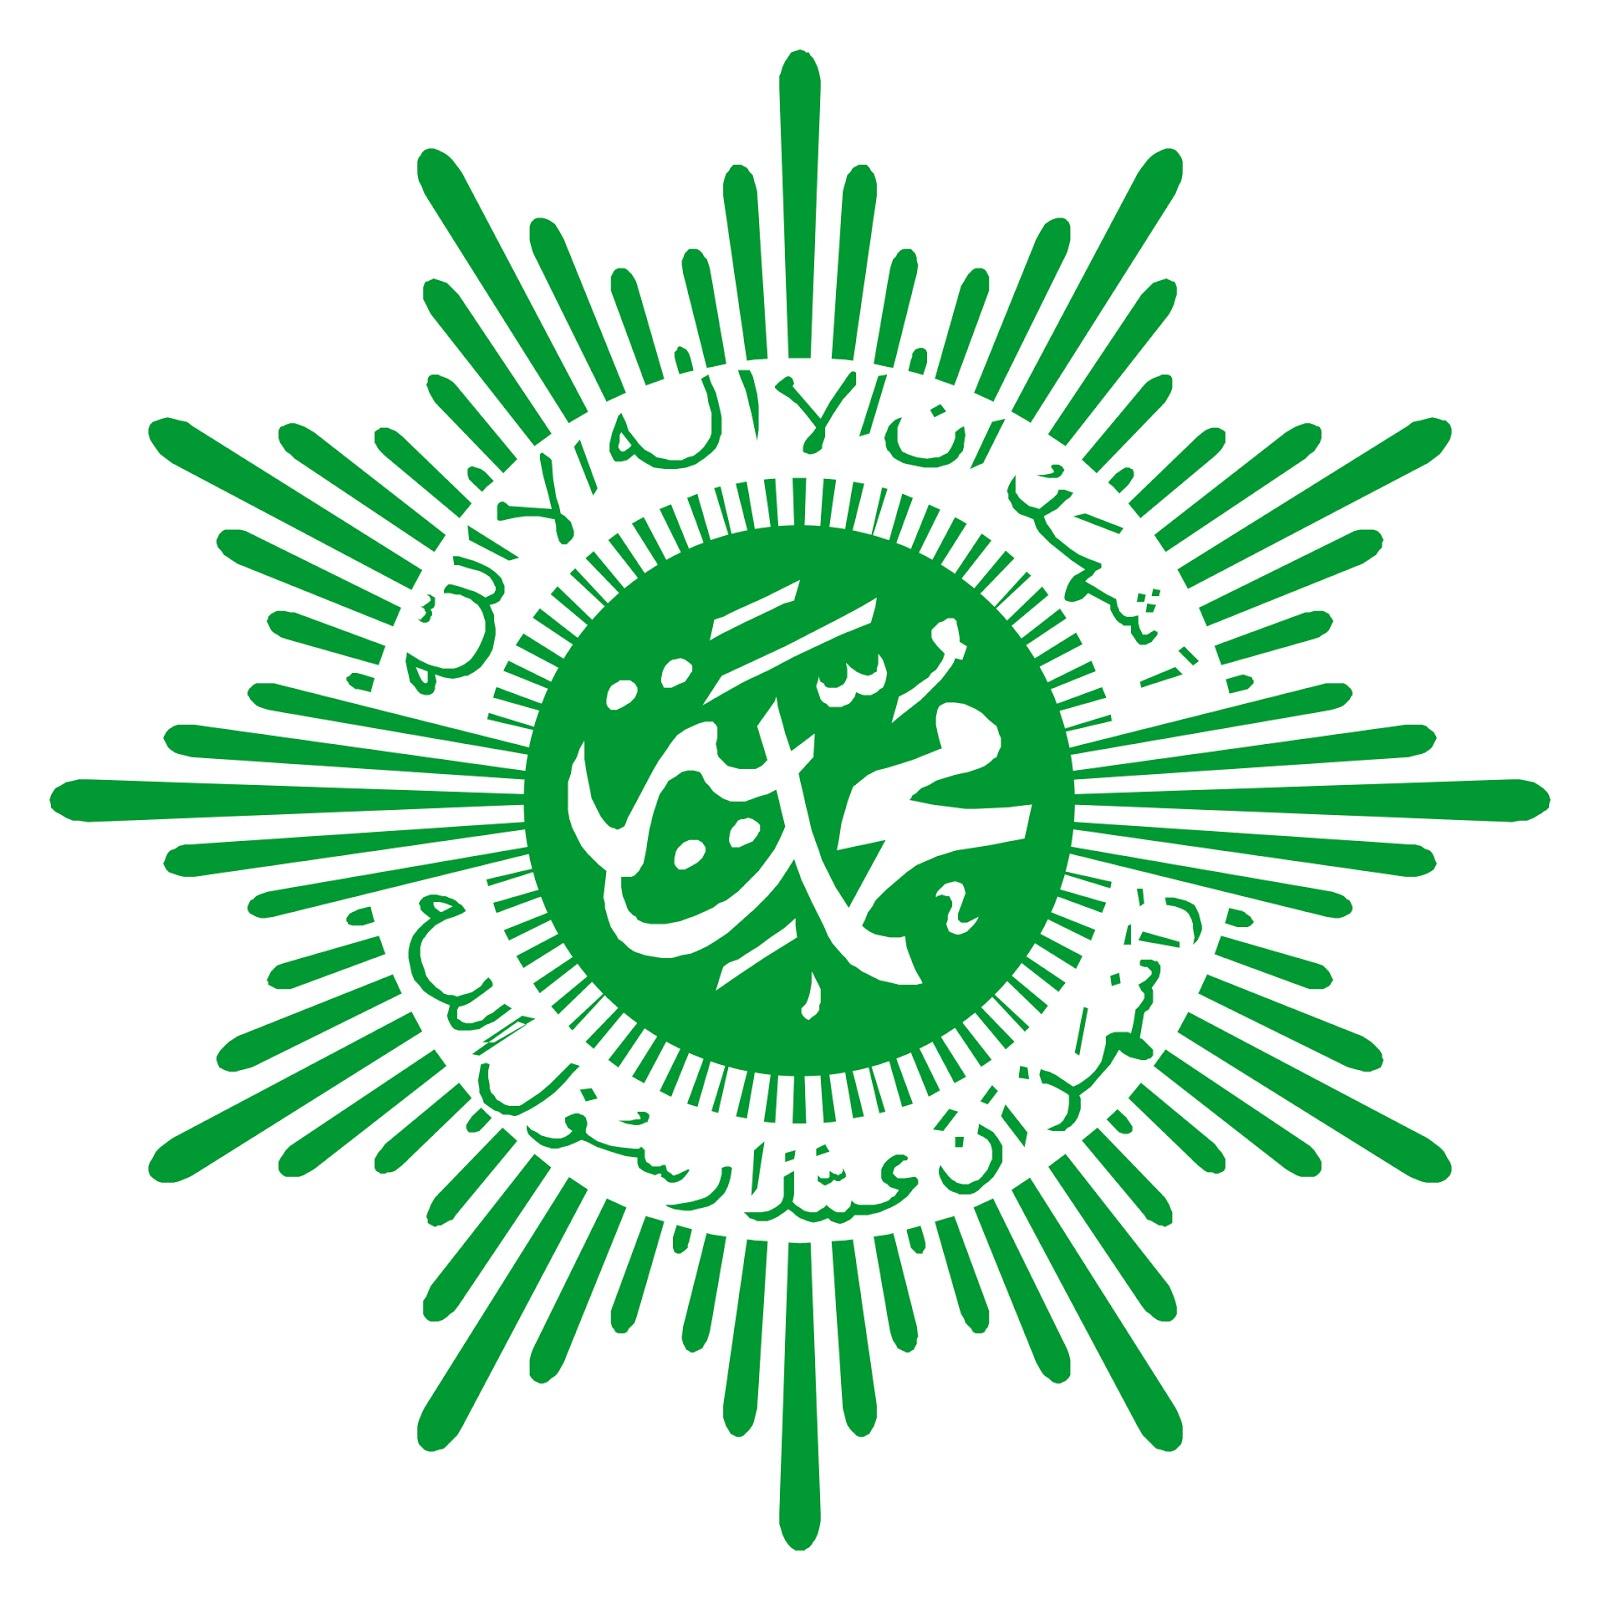 Logo Muhammadiyah Vector Download CDR - GUDANG LOGO